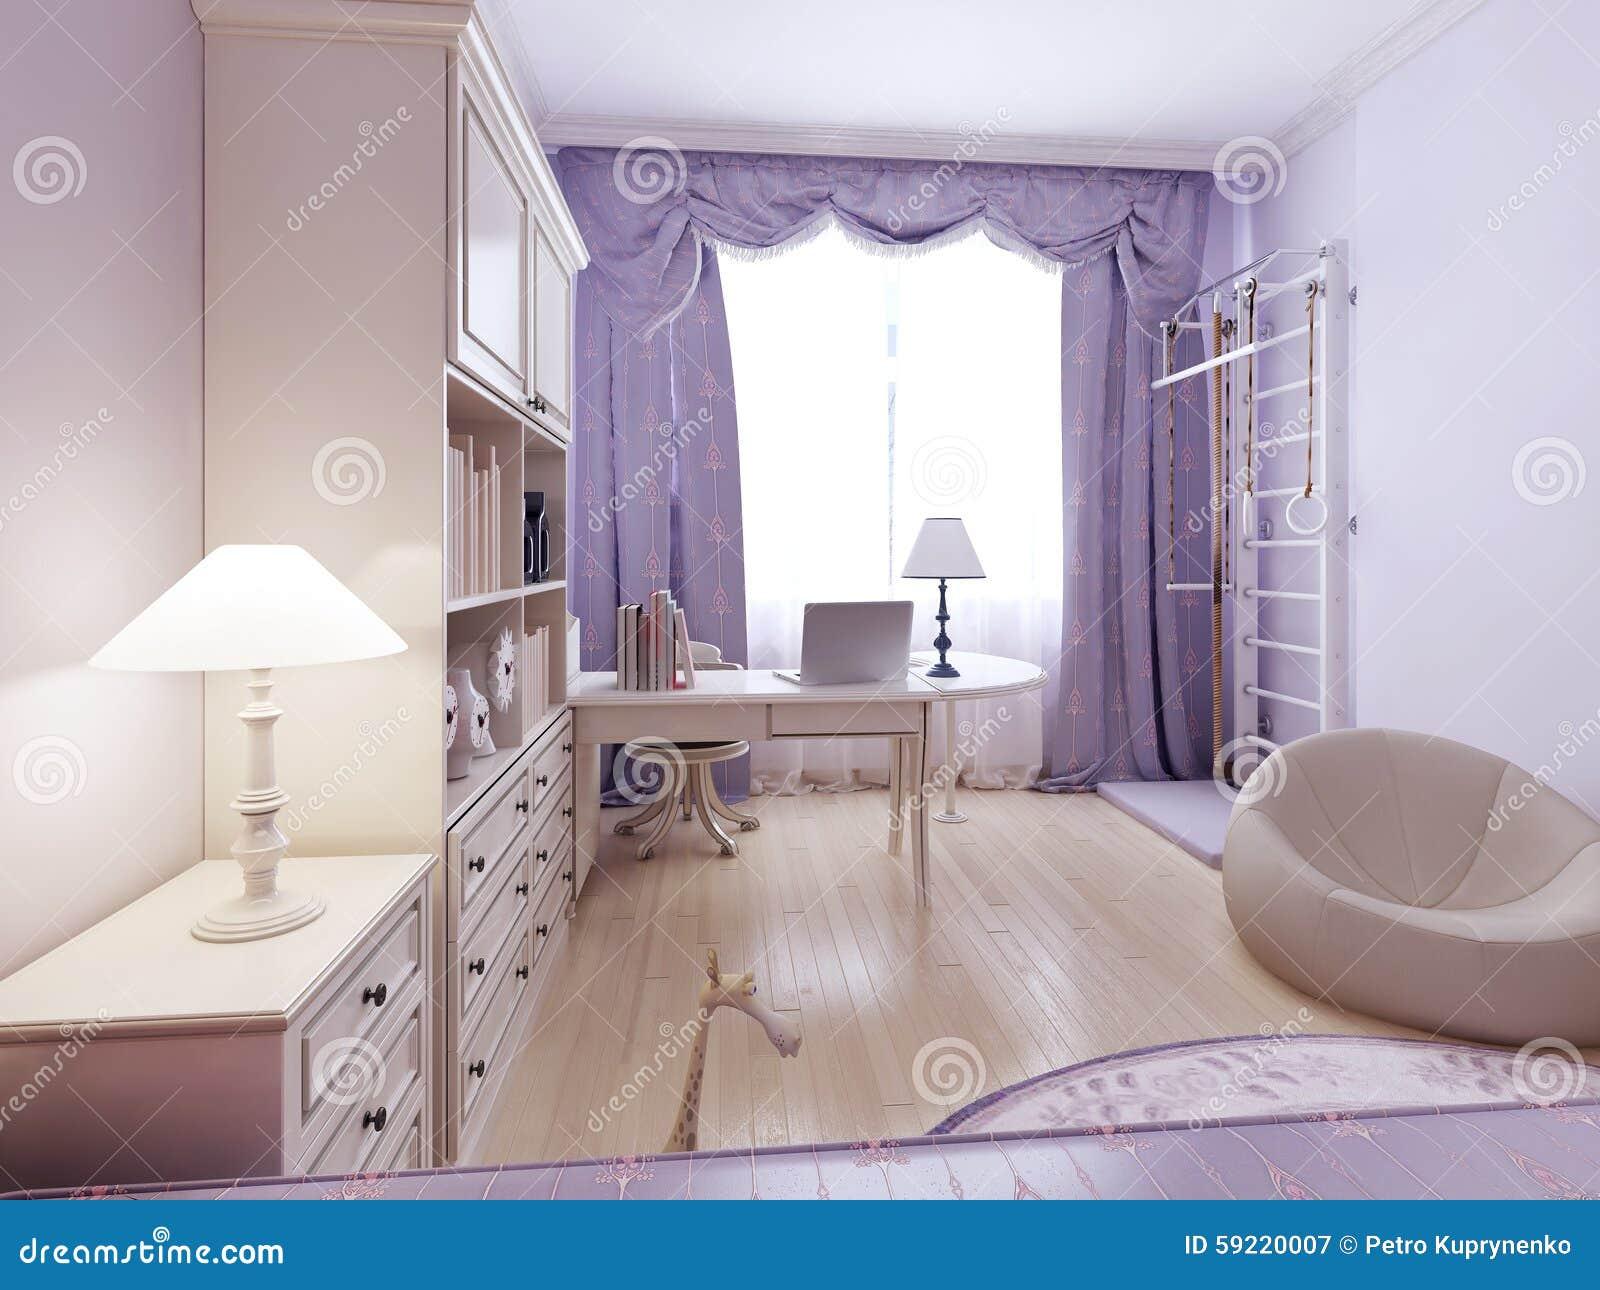 Ljus vardagsrum med ottomanen och ribbstol arkivfoto   bild: 59220007